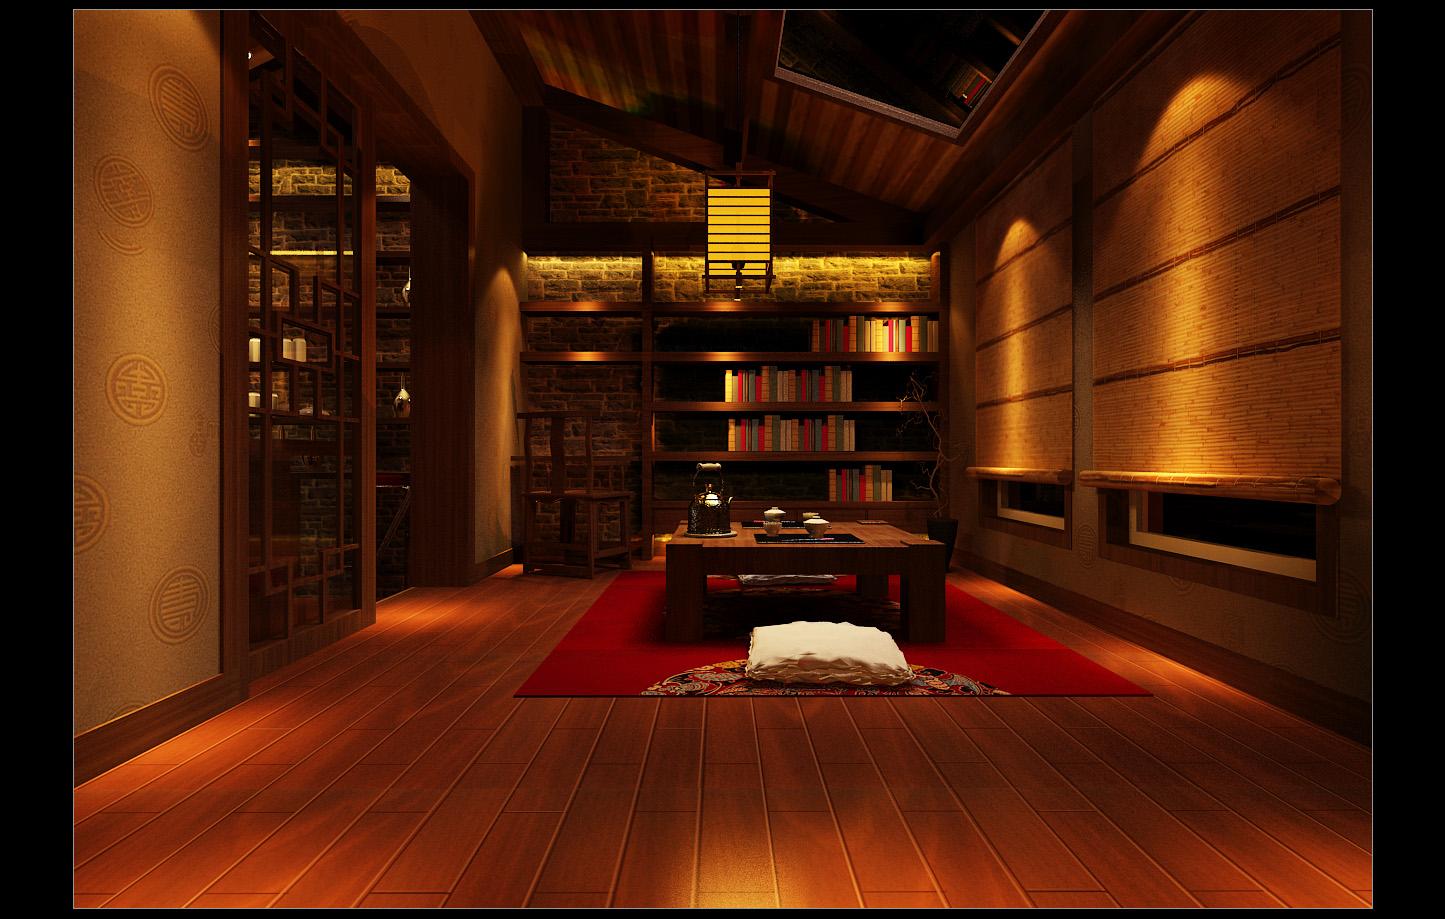 88平3室2厅 中式古典风格装修案例 预算12万元高清图片